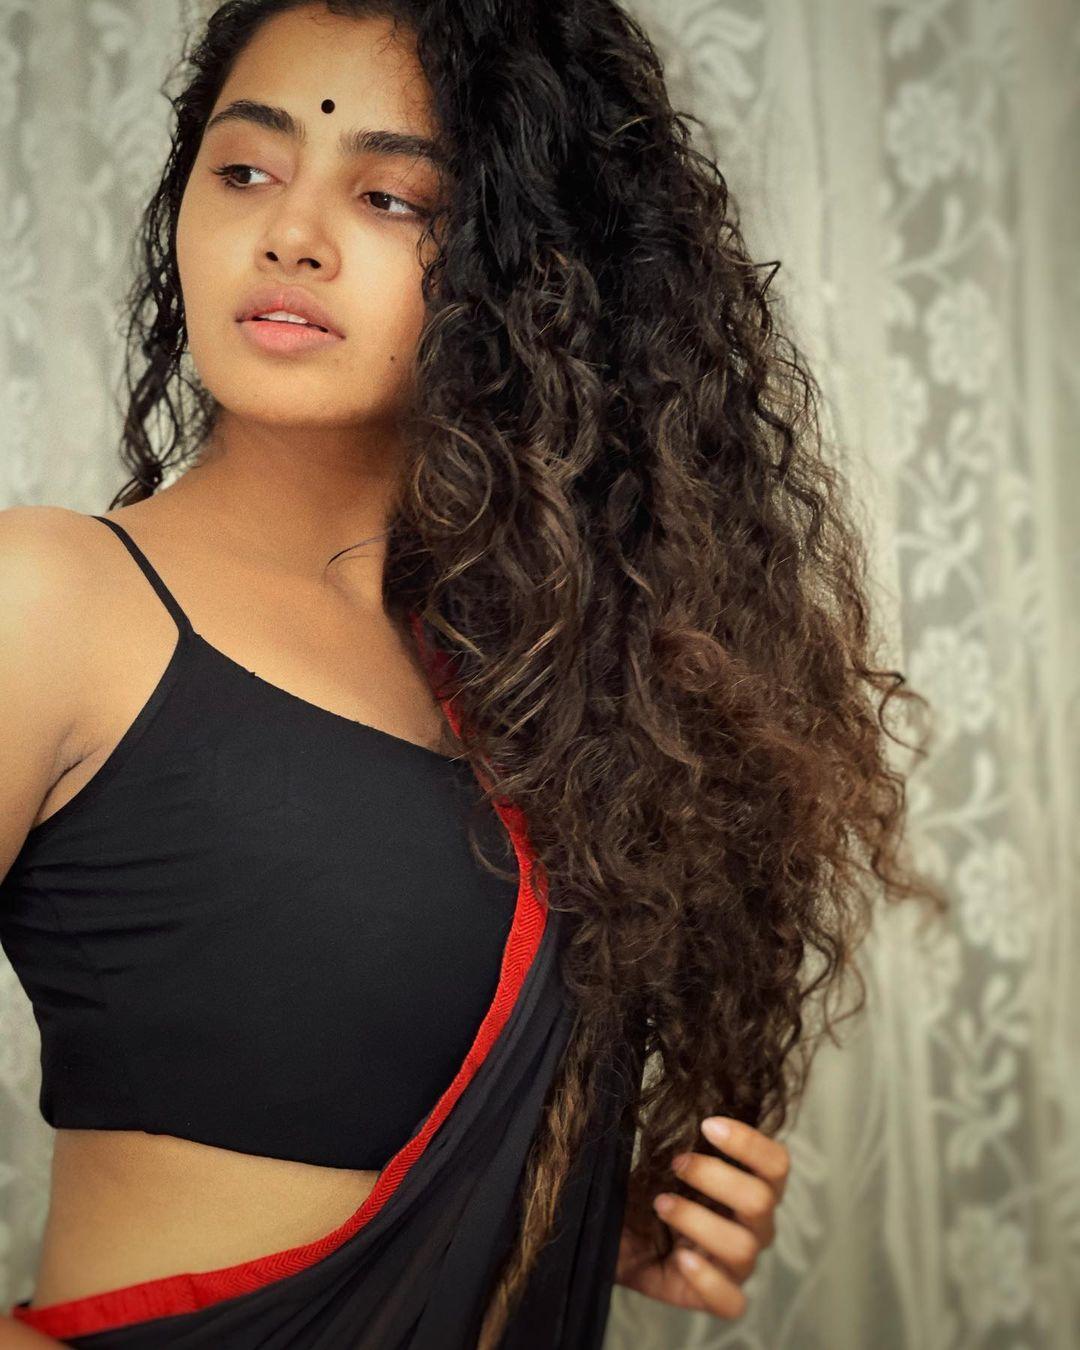 Anupama Parameswaran sexy saree photoshoot